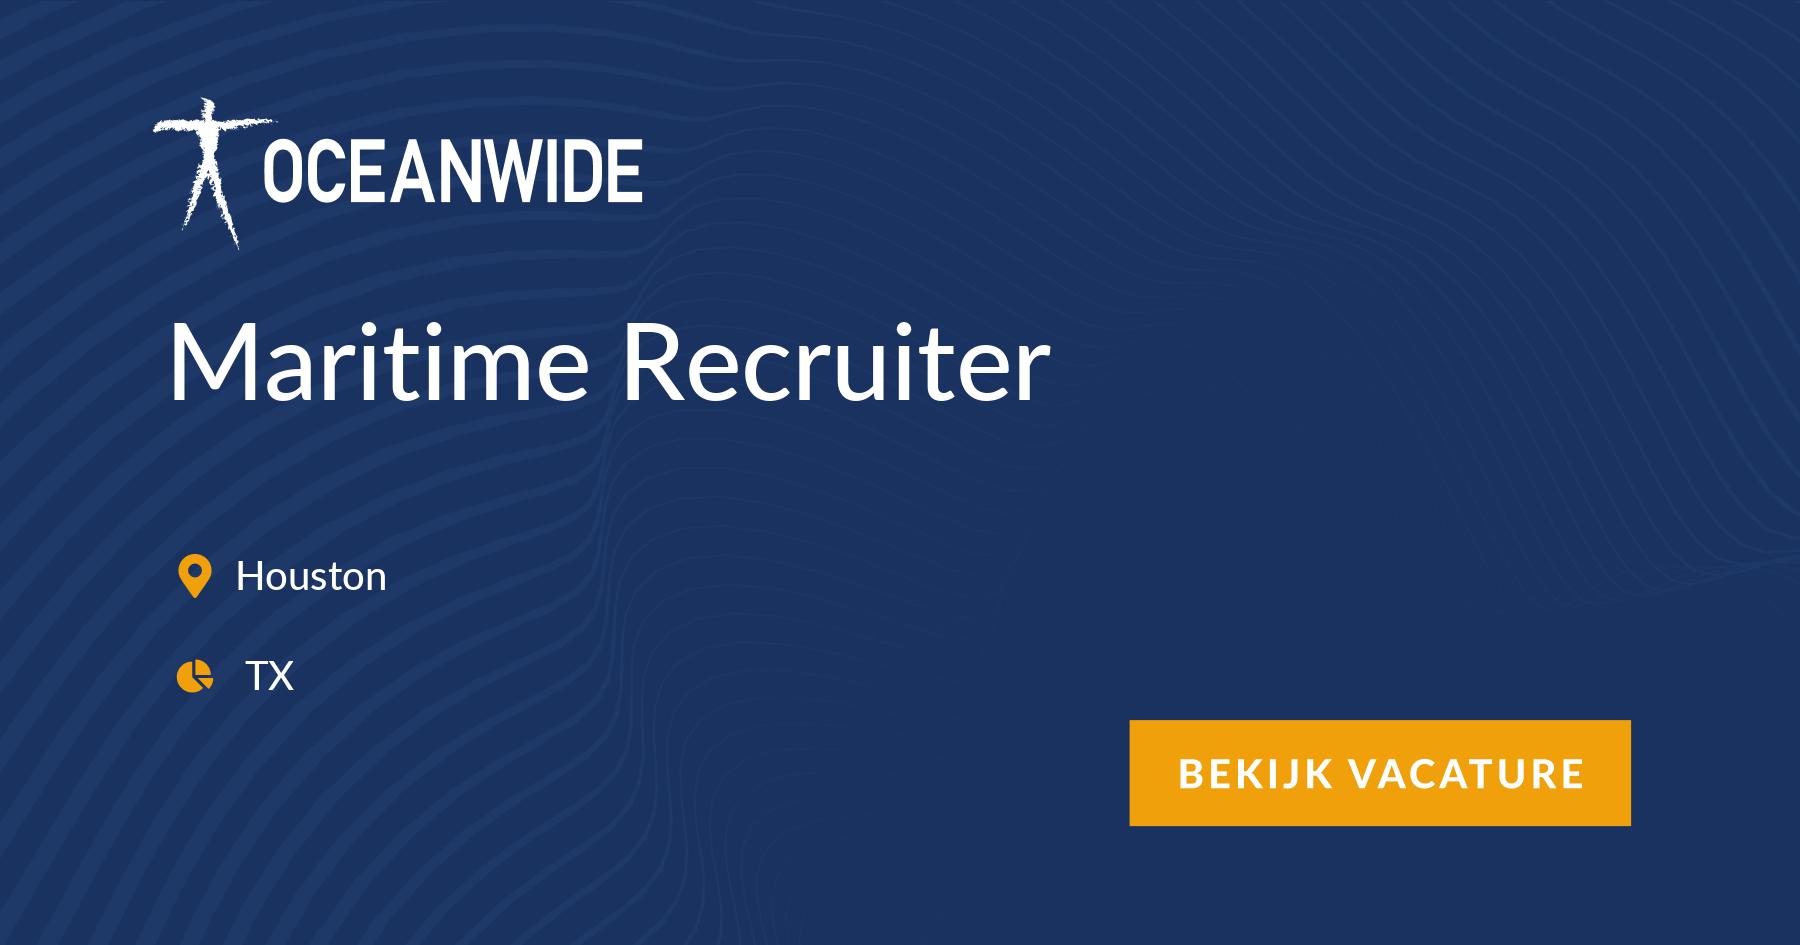 Maritime Recruiter, Houston, TX - maritime vacancy ~ Oceanwide